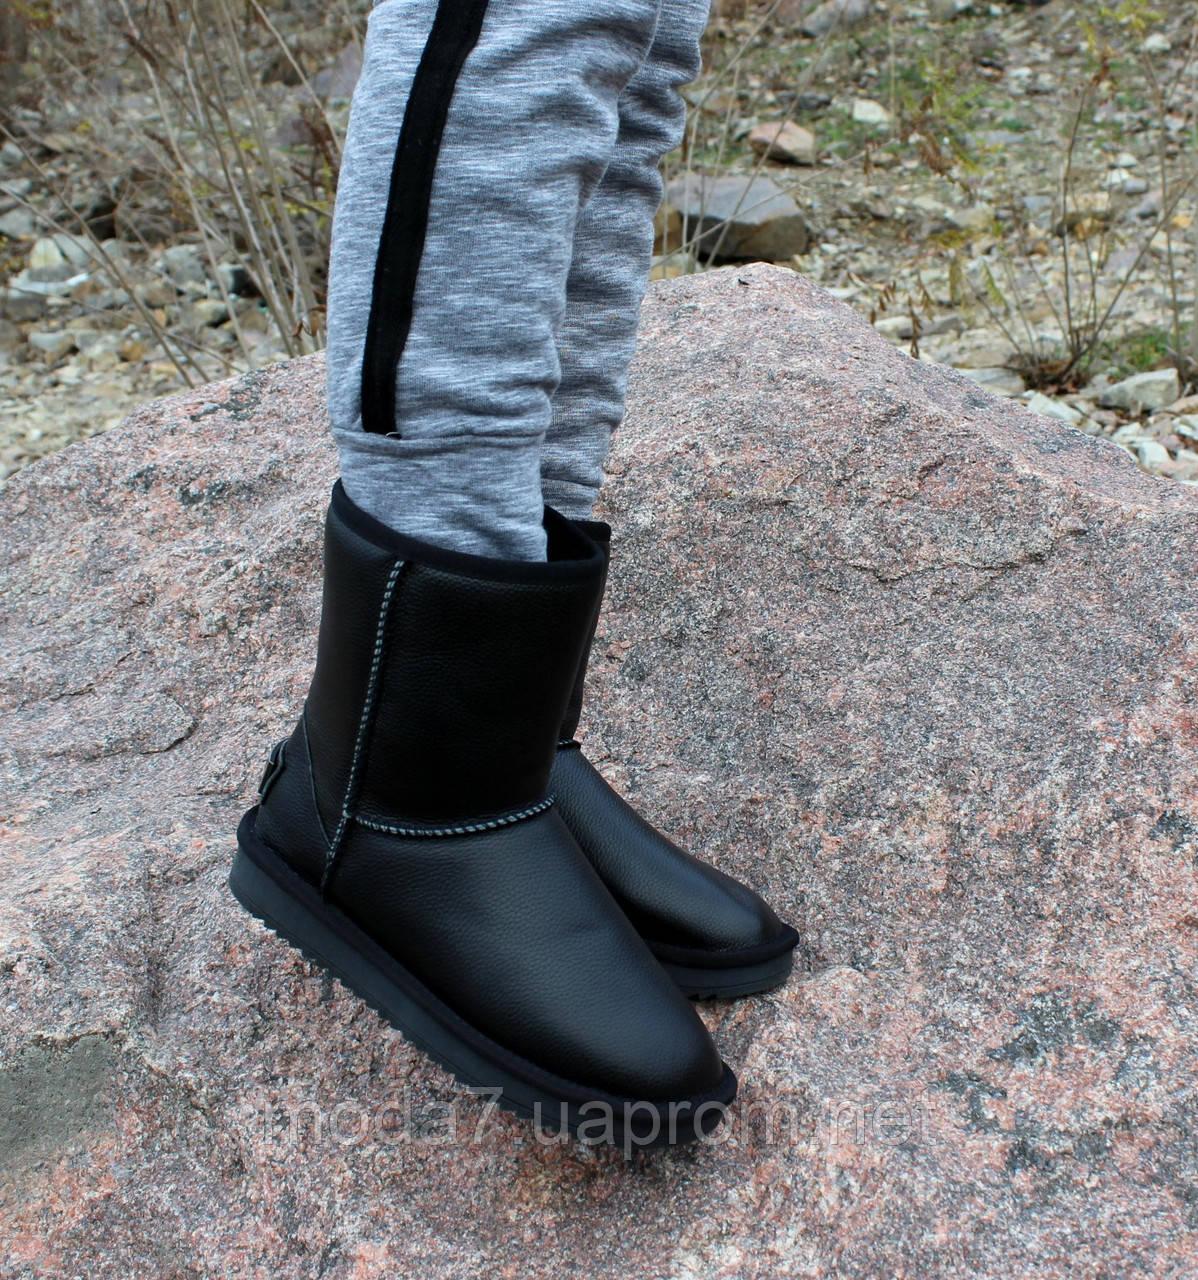 Кожаные женские УГГИ натуральная кожа, натуральный мех черные